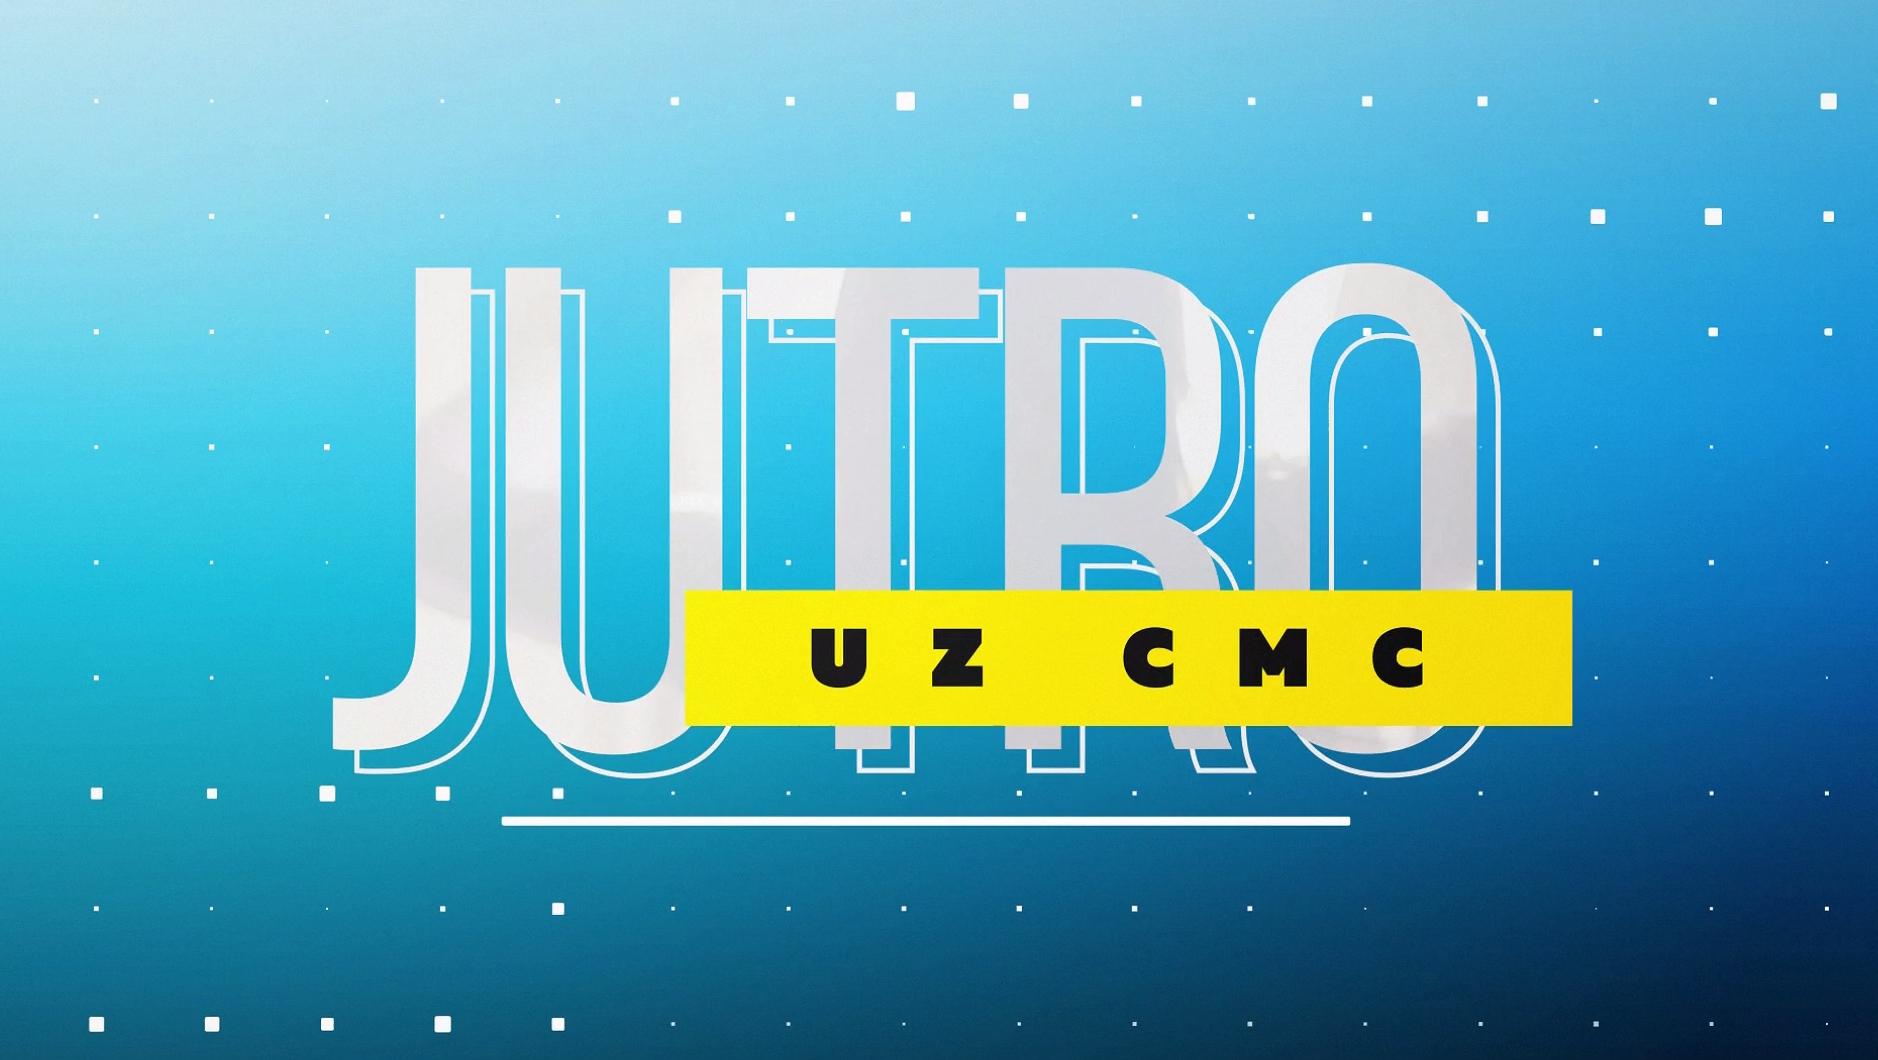 Jutro uz CMC – nova emisija CMC televizije